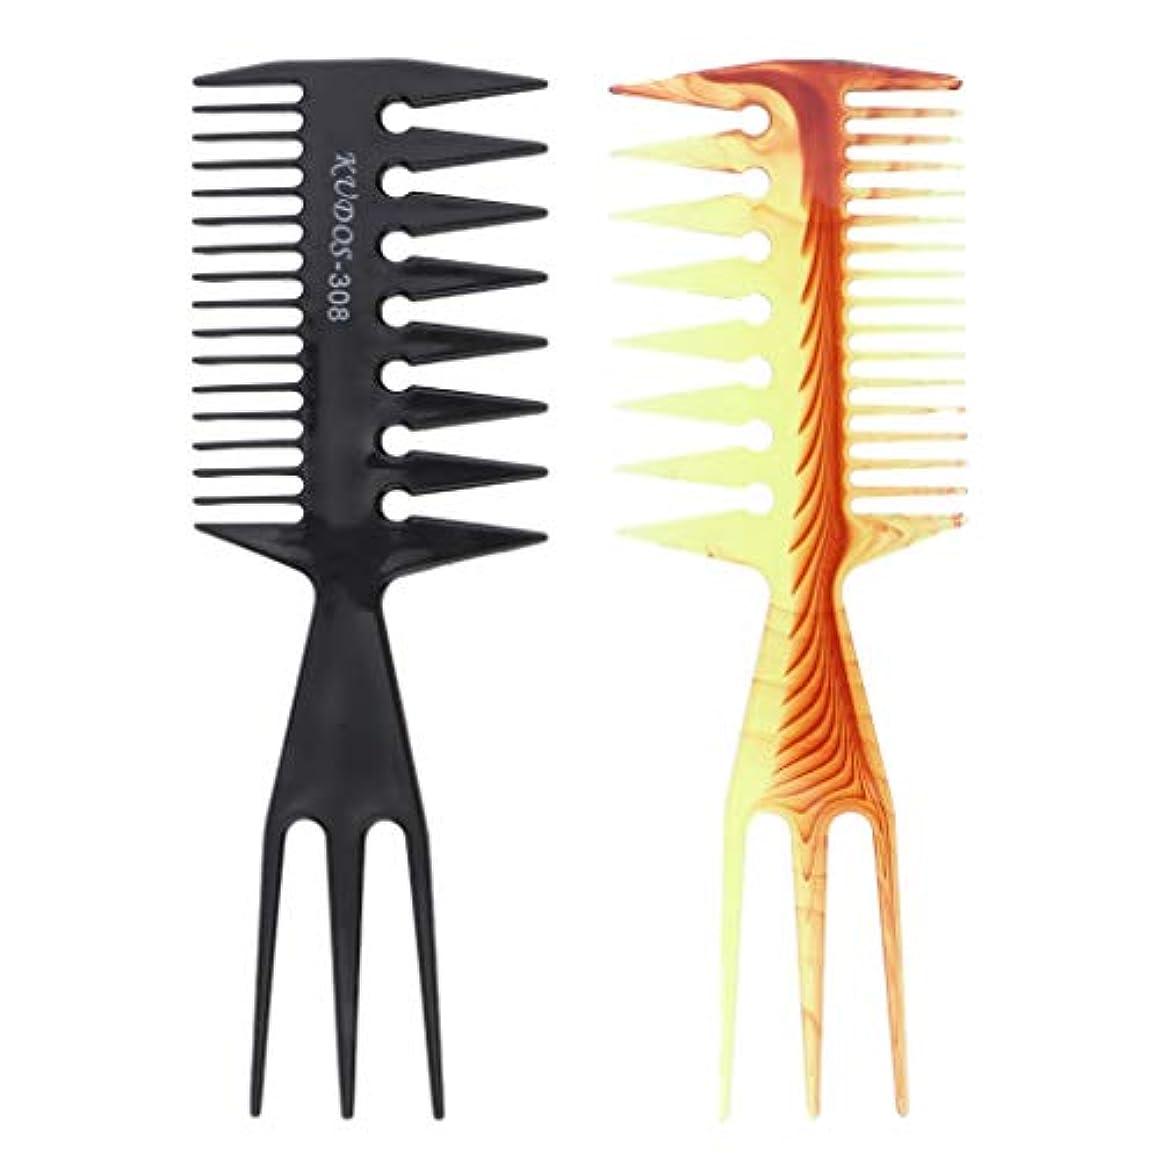 前任者バス上下するSM SunniMix へアカラーセット ヘアダイブラシ DIY髪染め用 サロン 美髪師用 ヘアカラーの用具 2個セット